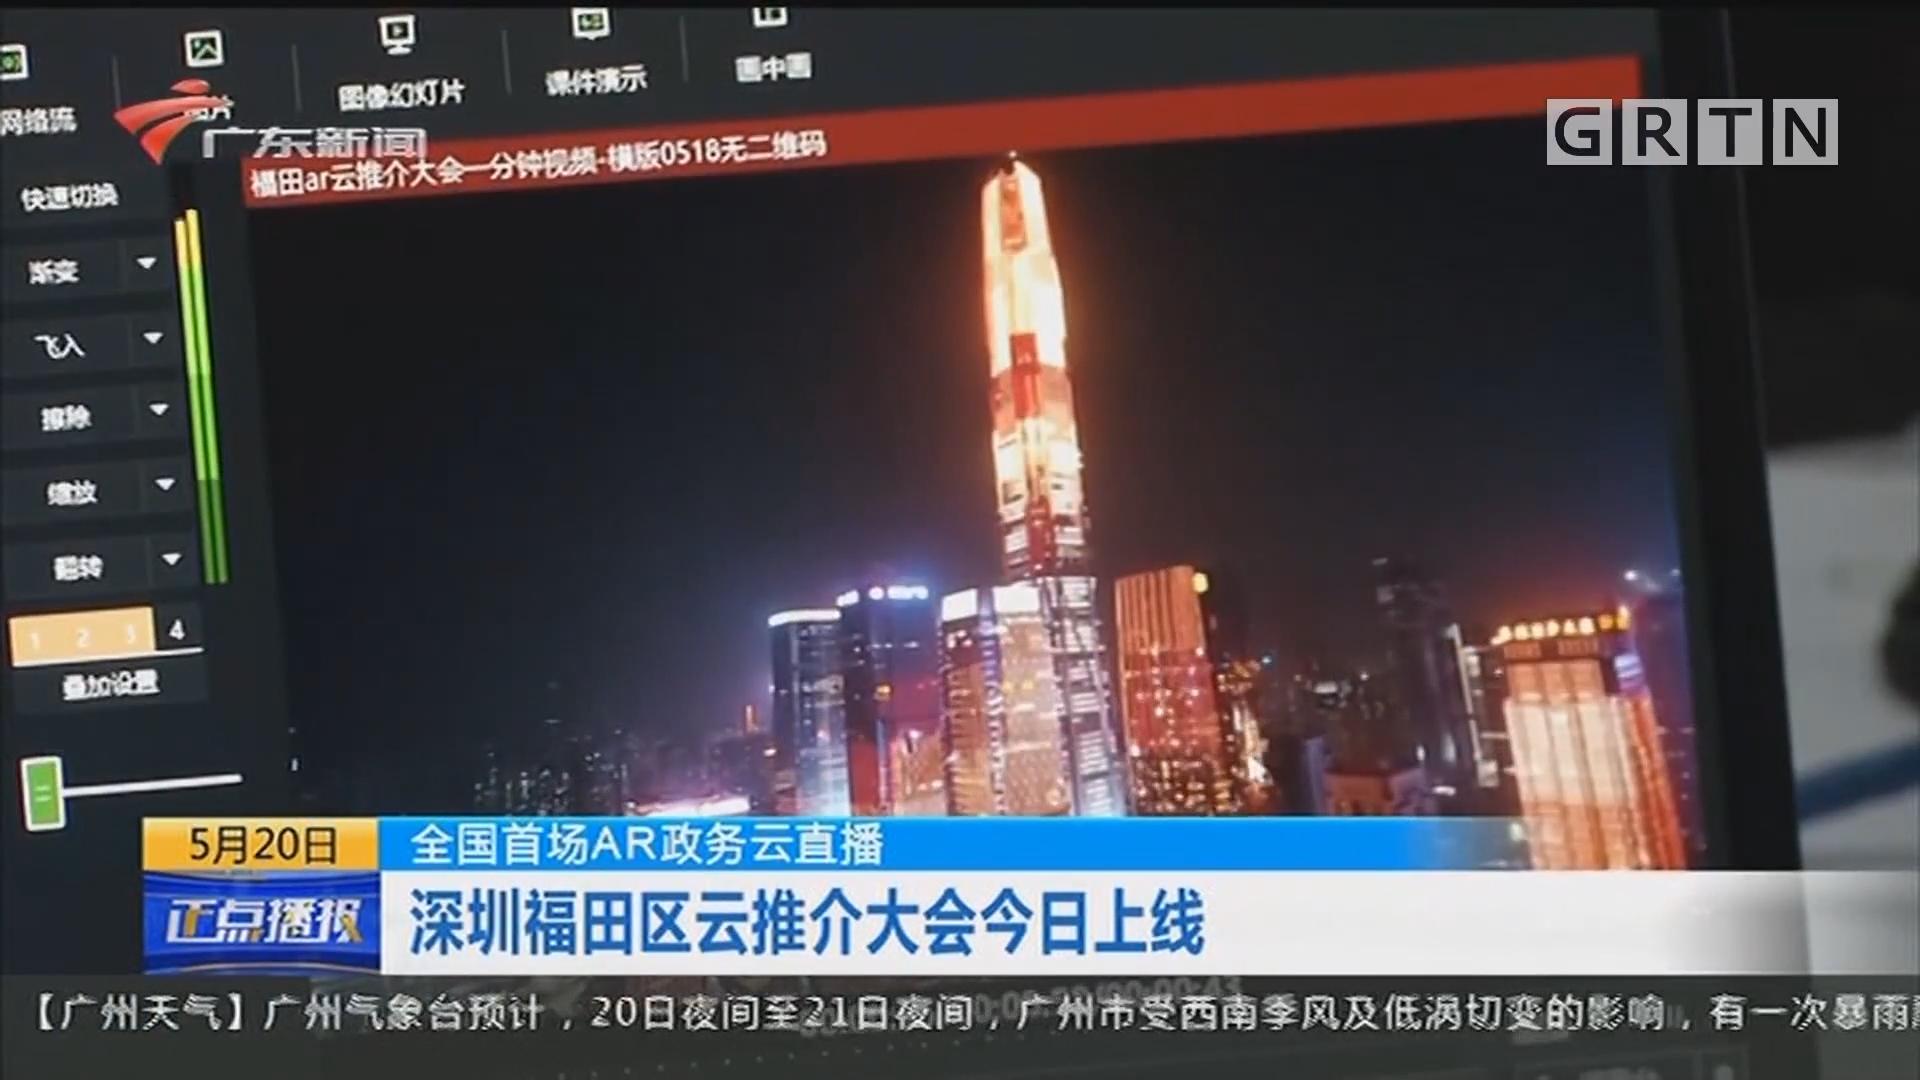 全国首场AR政务云直播 深圳福田区云推介大会今日上线